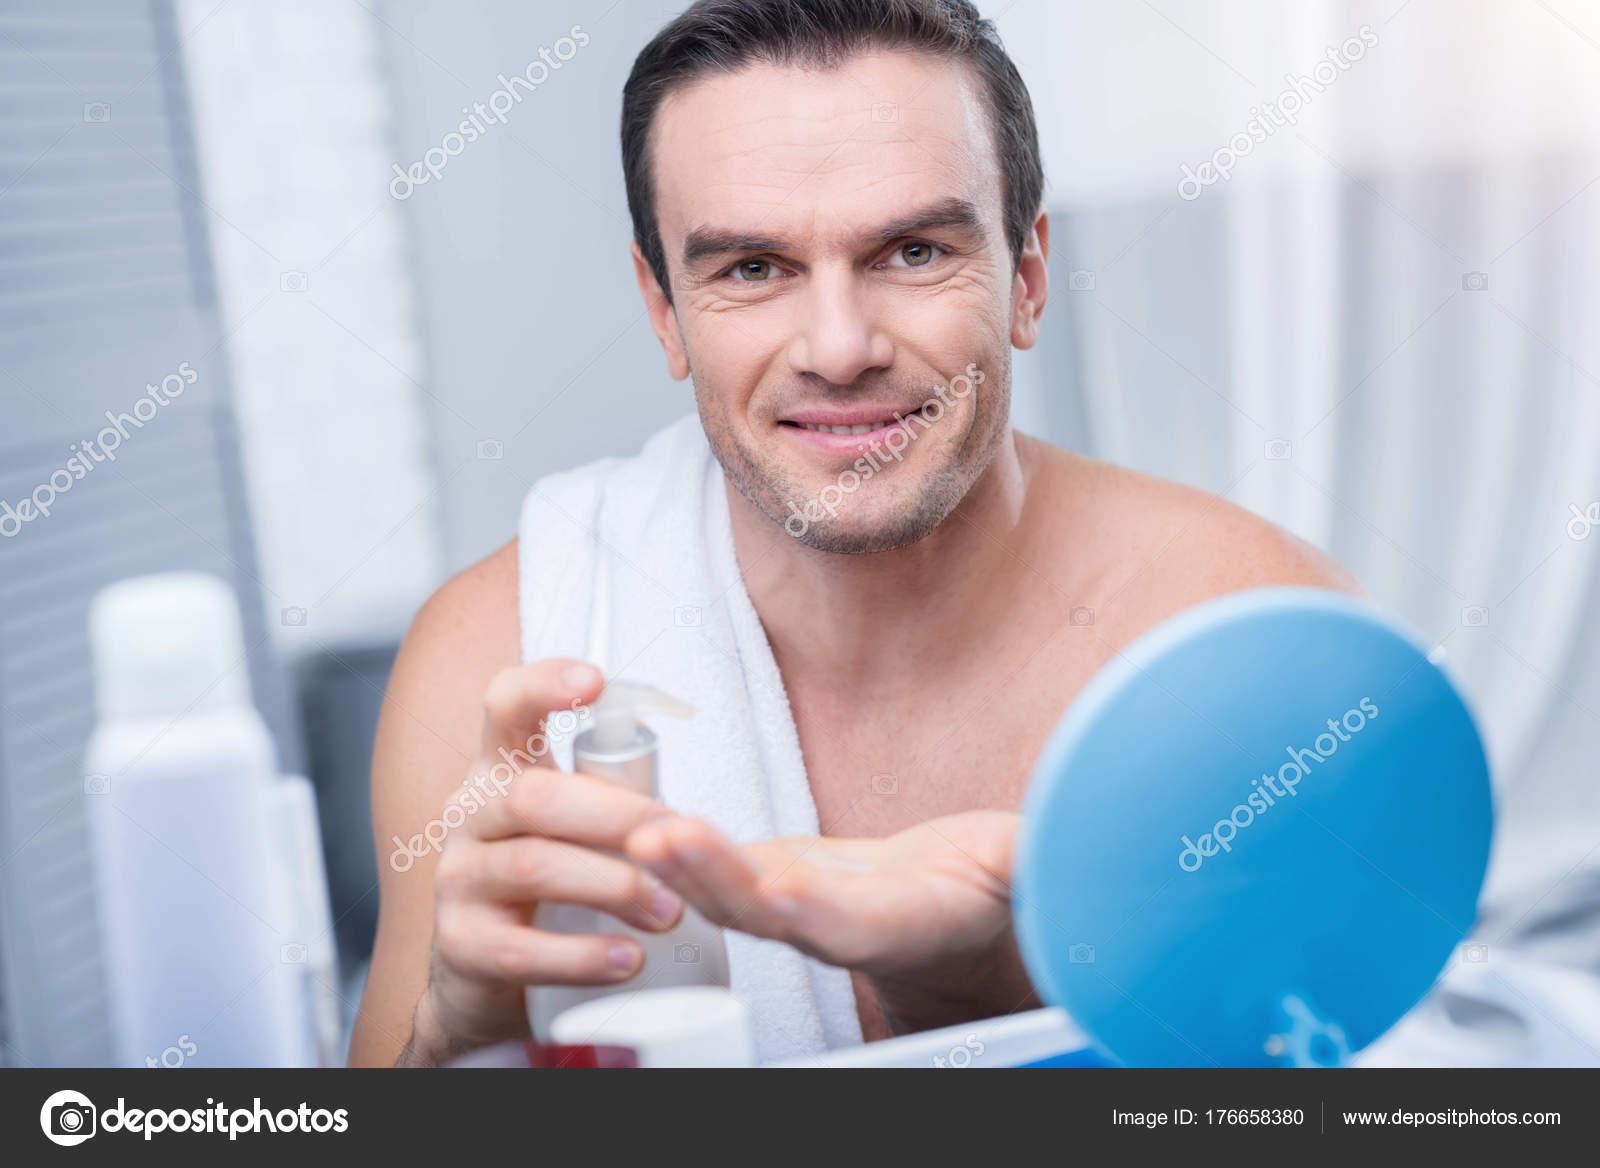 Guter Aussehender Brünette Mann Beginnt Seine Morgen